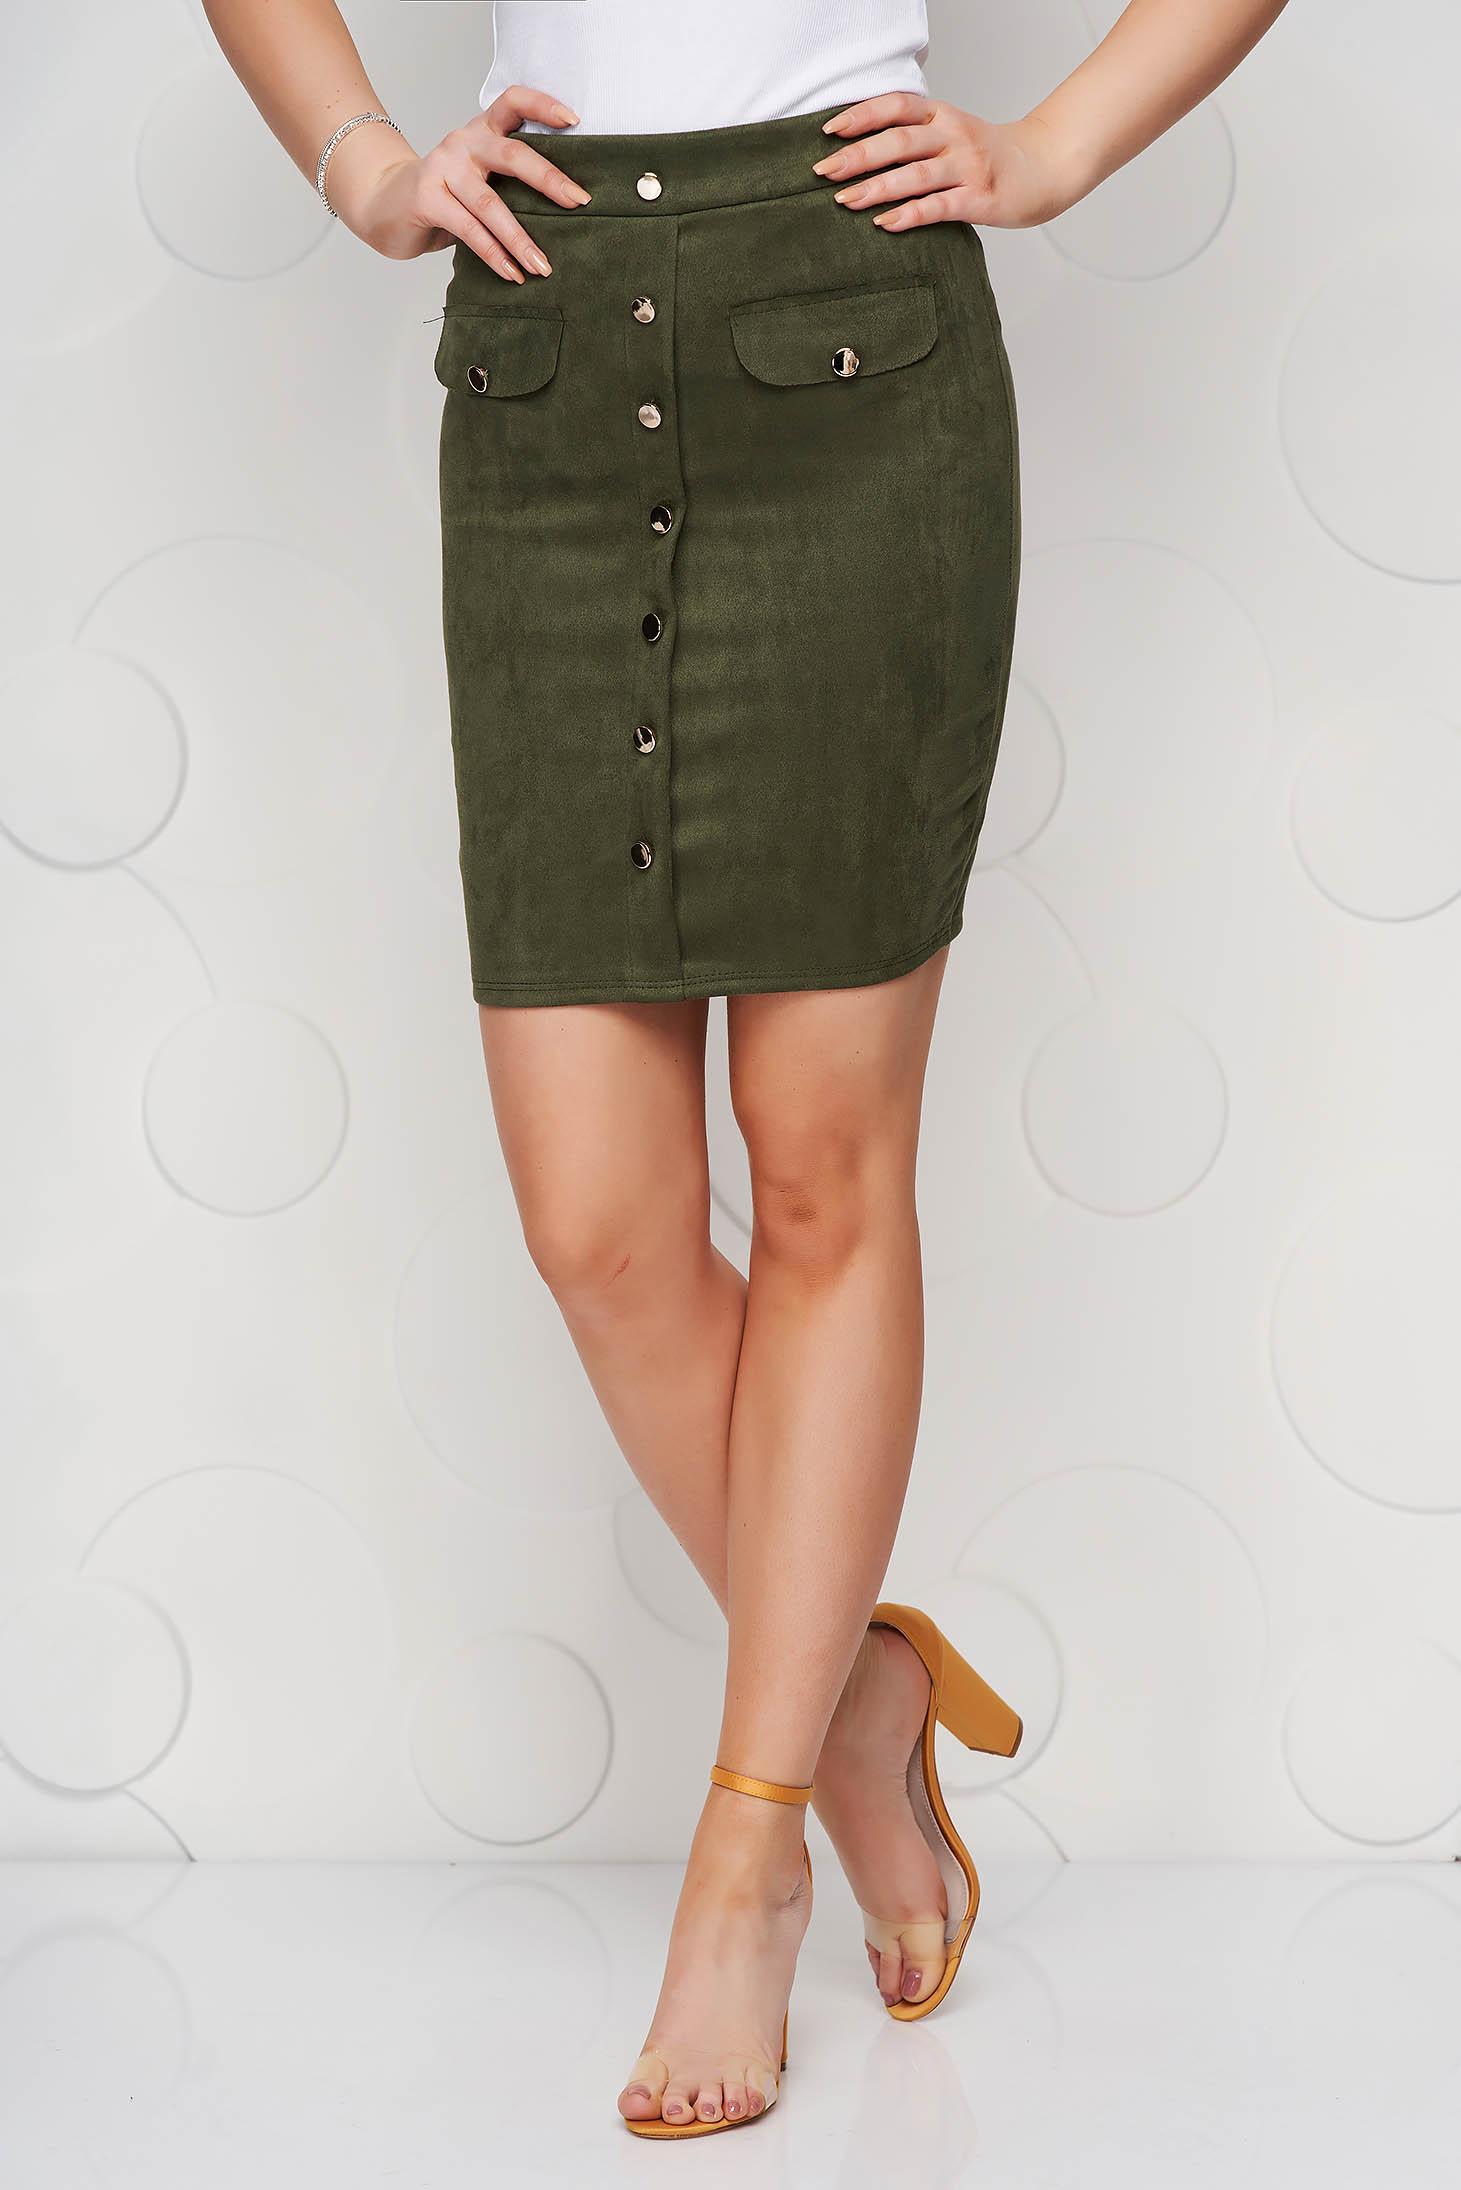 Sötétzöld casual rövid szoknya elasztikus csípővel gomb kiegészítőkkel